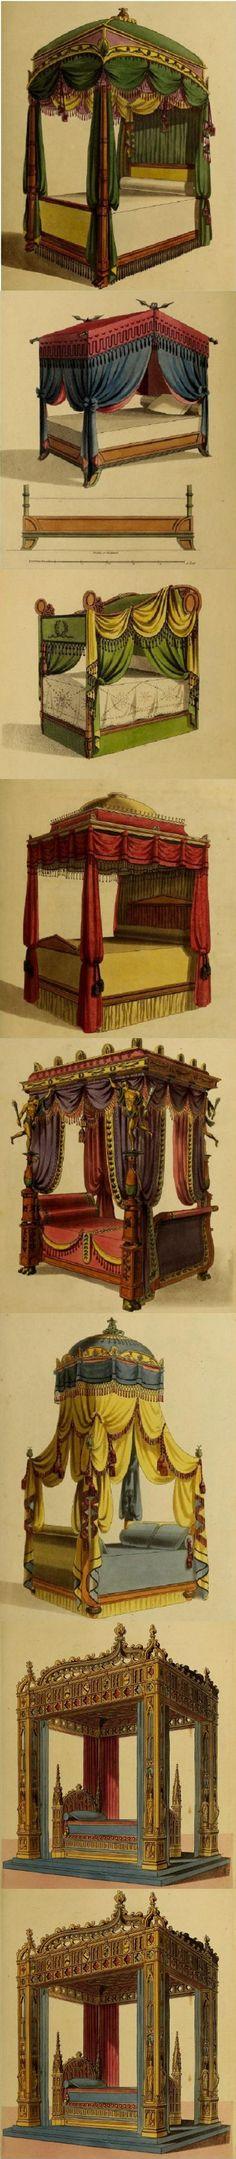 """Warum nicht wieder das """"Himmelbett"""" Victorian bed styles..... http://diycollaboratorium.com/wp-content/uploads/2013/02/beds.jpg"""